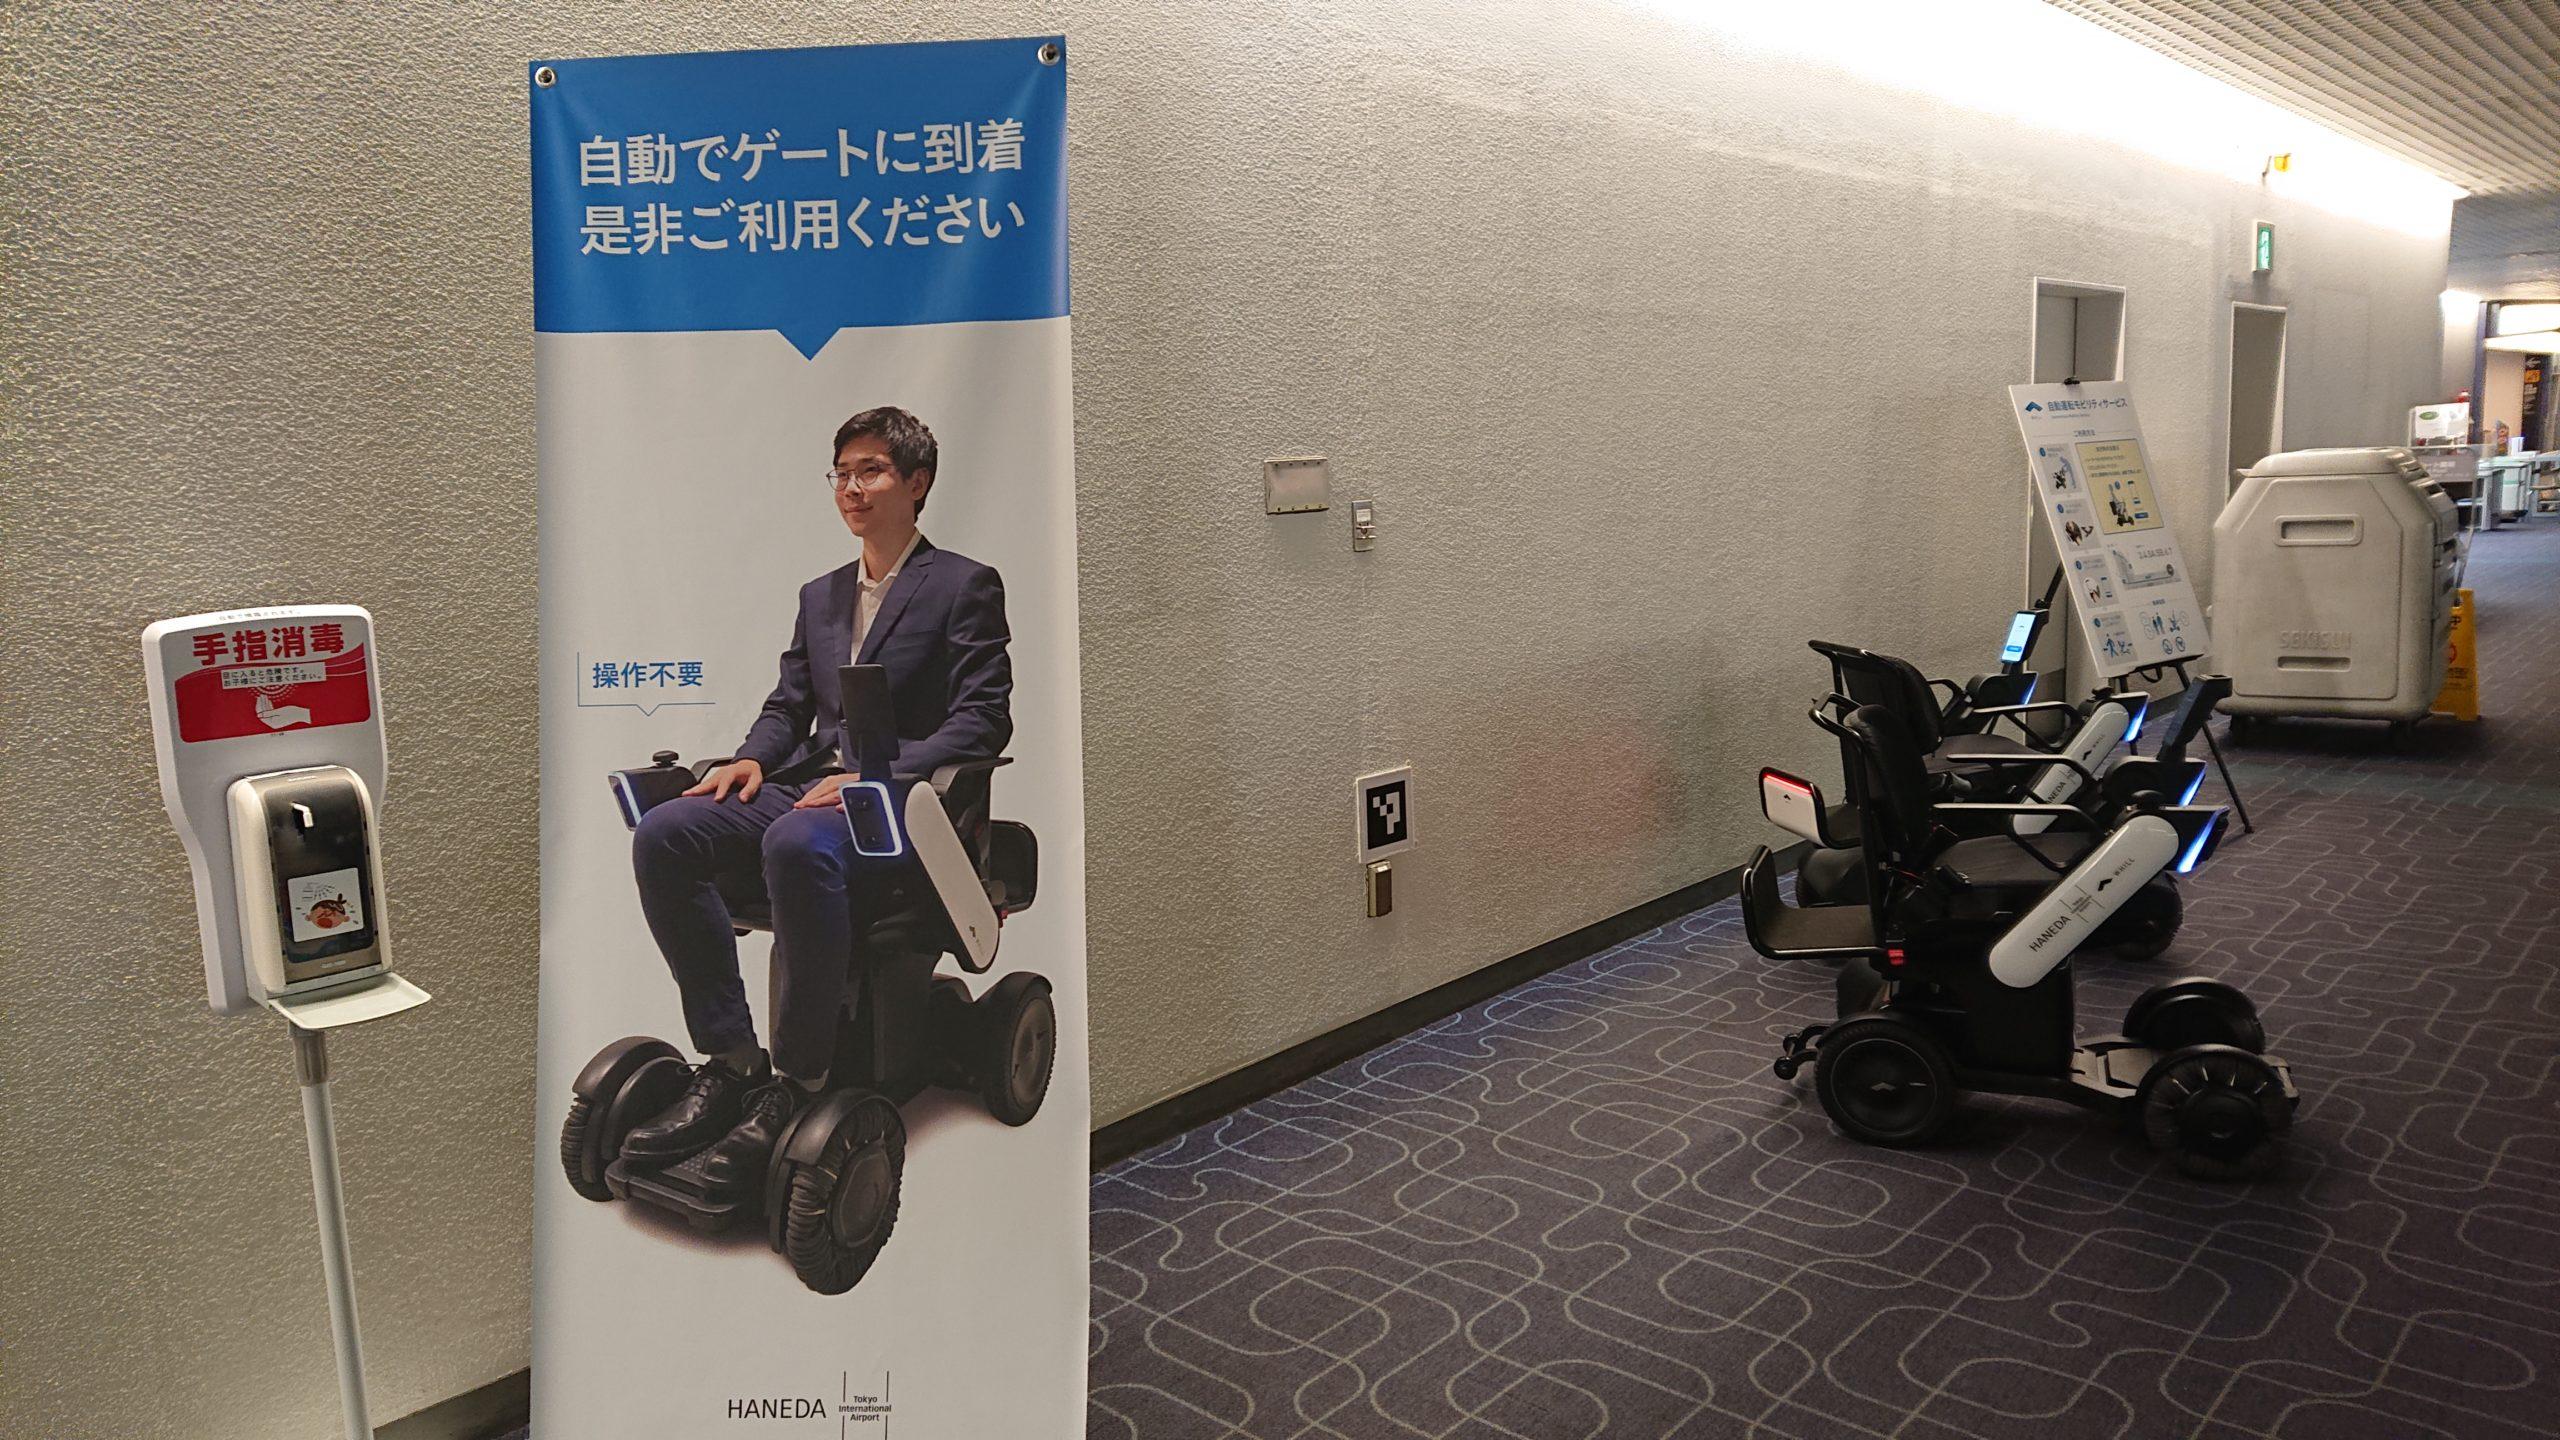 羽田空港の自動運転パーソナルモビリティの看板